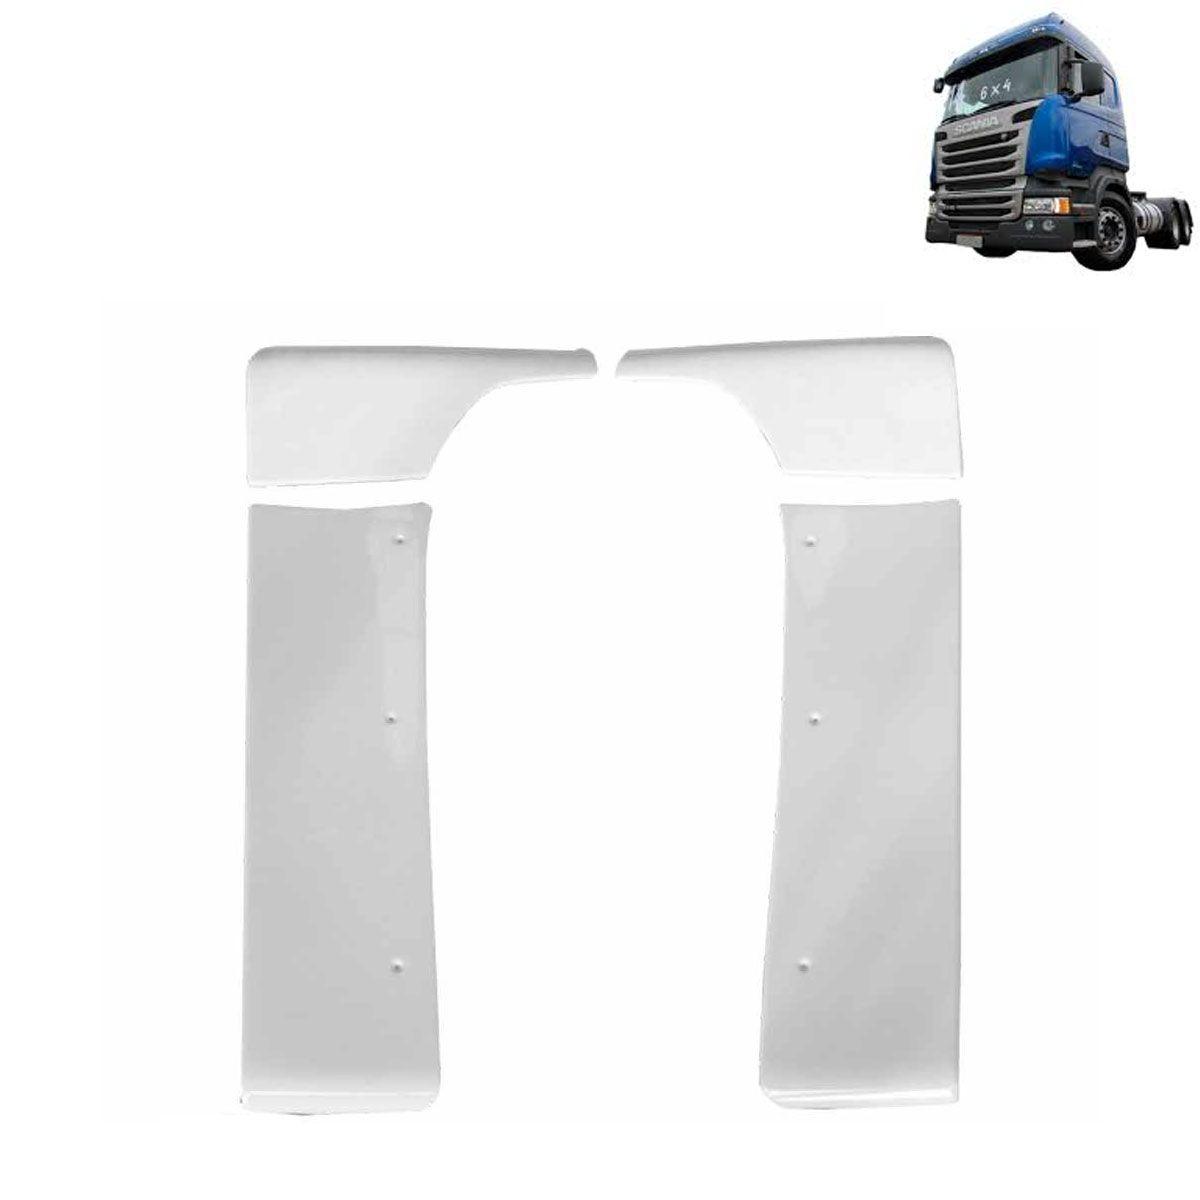 Cegonheiro Compatível com o Caminhão Scania S4 | S5 Cabine G | Streamline com Recorte do Filtro